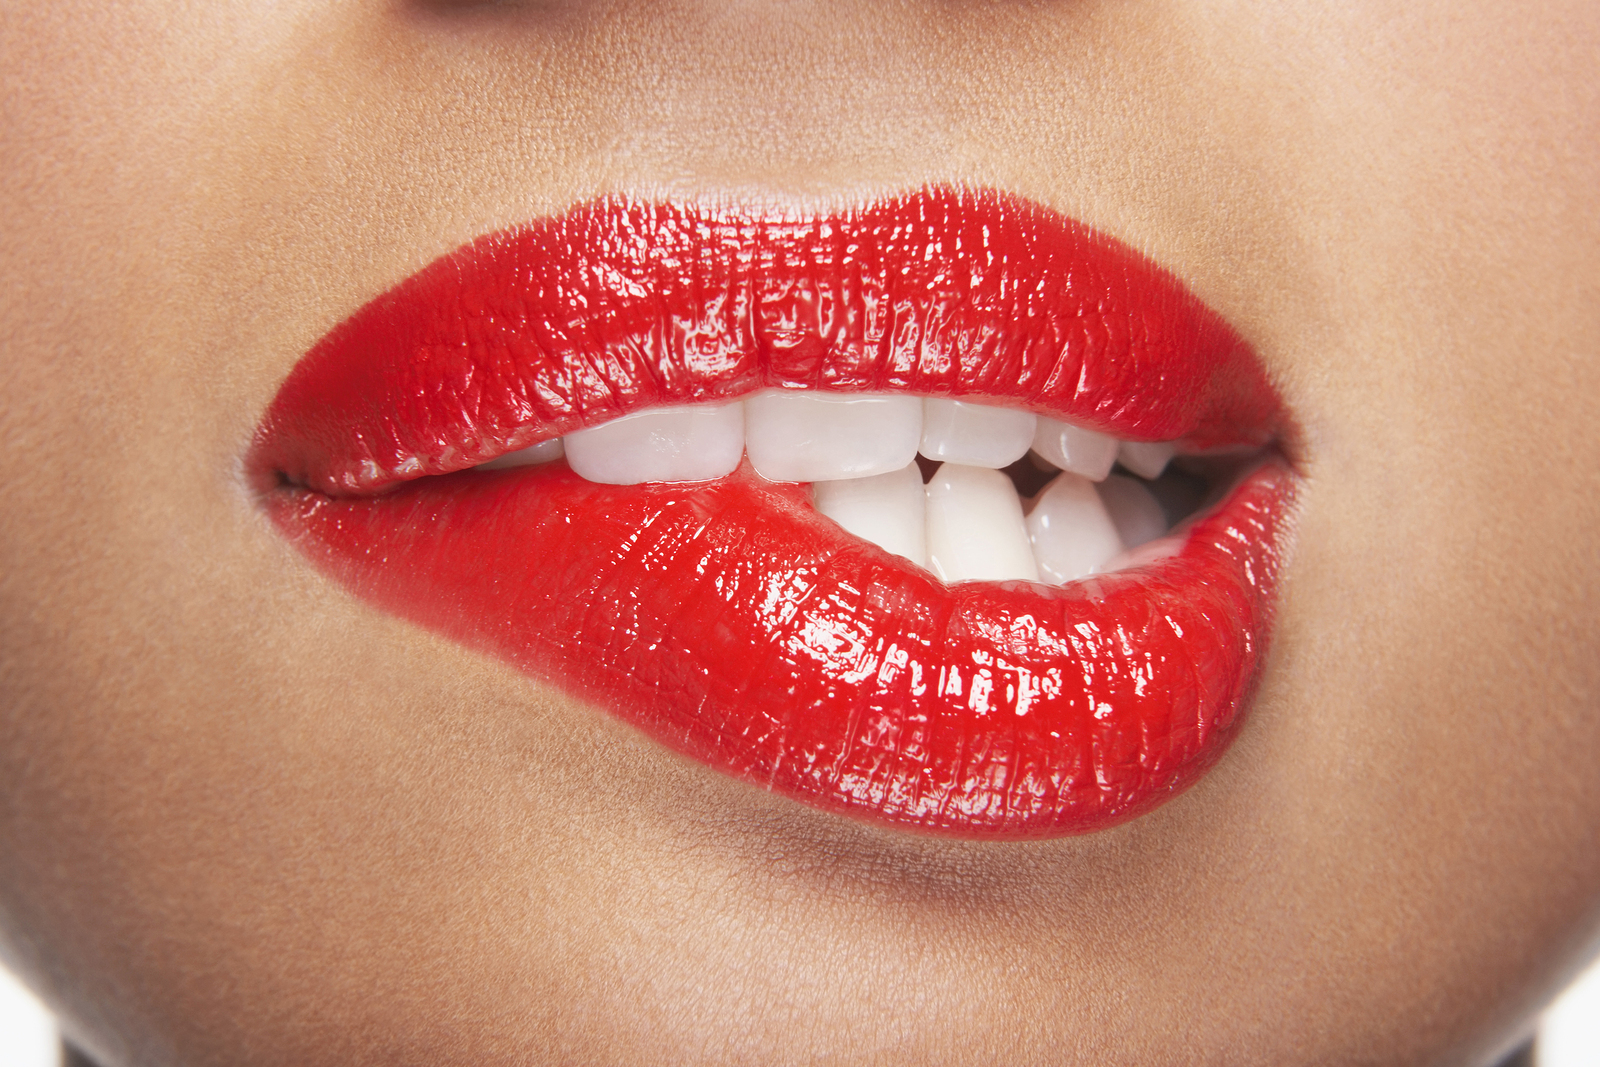 Ce spune forma buzelor despre personalitatea ta?